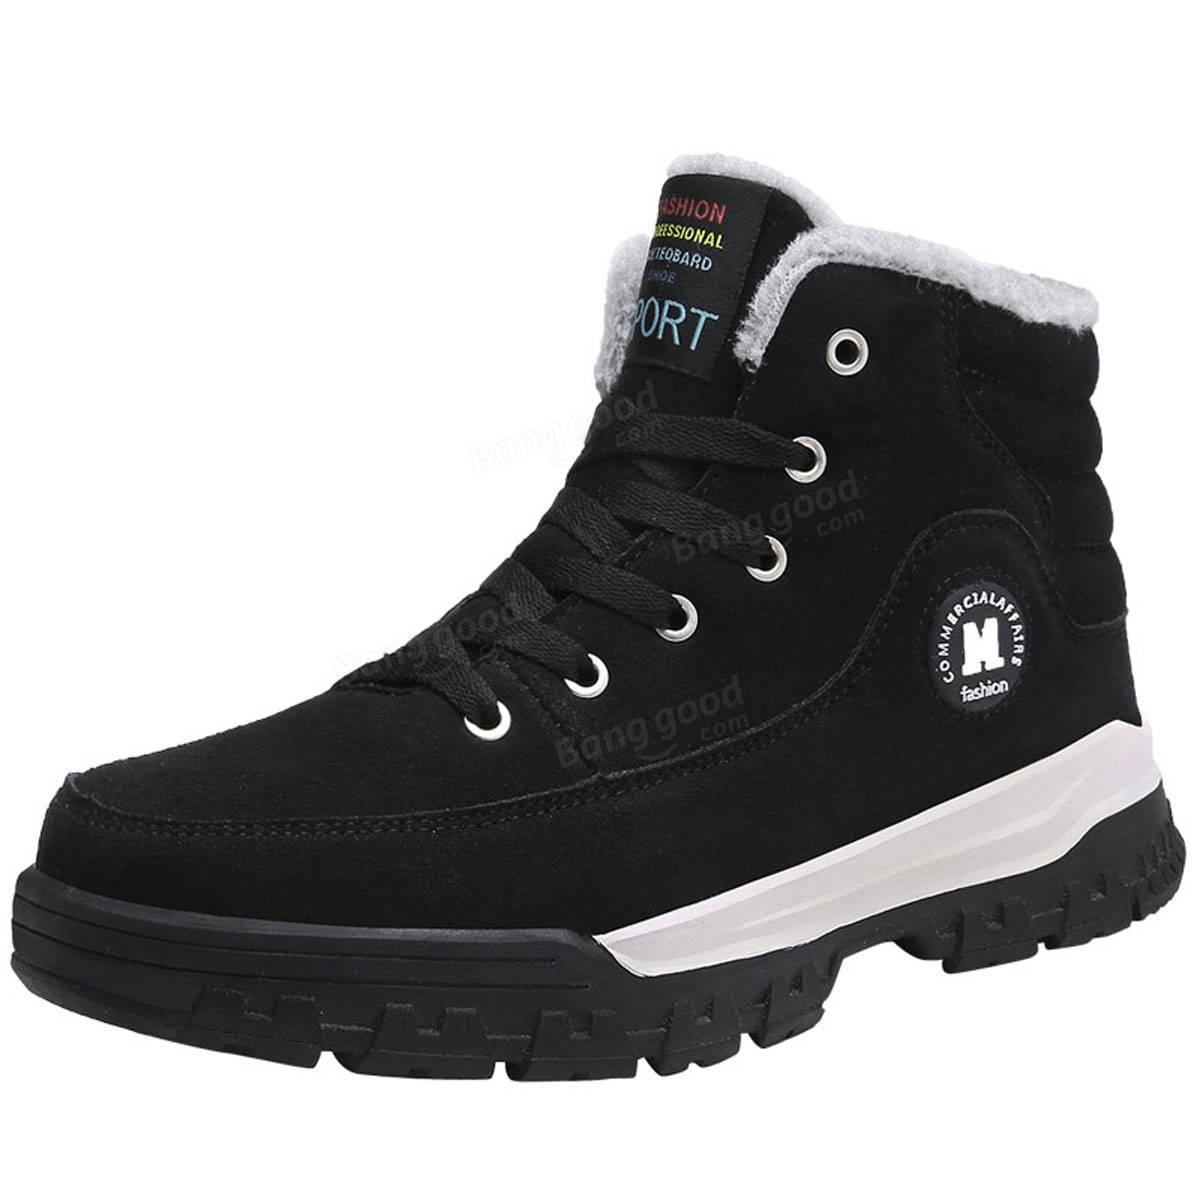 На открытом воздухе Зимние мужские хлопчатобумажные туфли Plus Кашемир теплый повседневный высокий утолщенный снег Ботинки